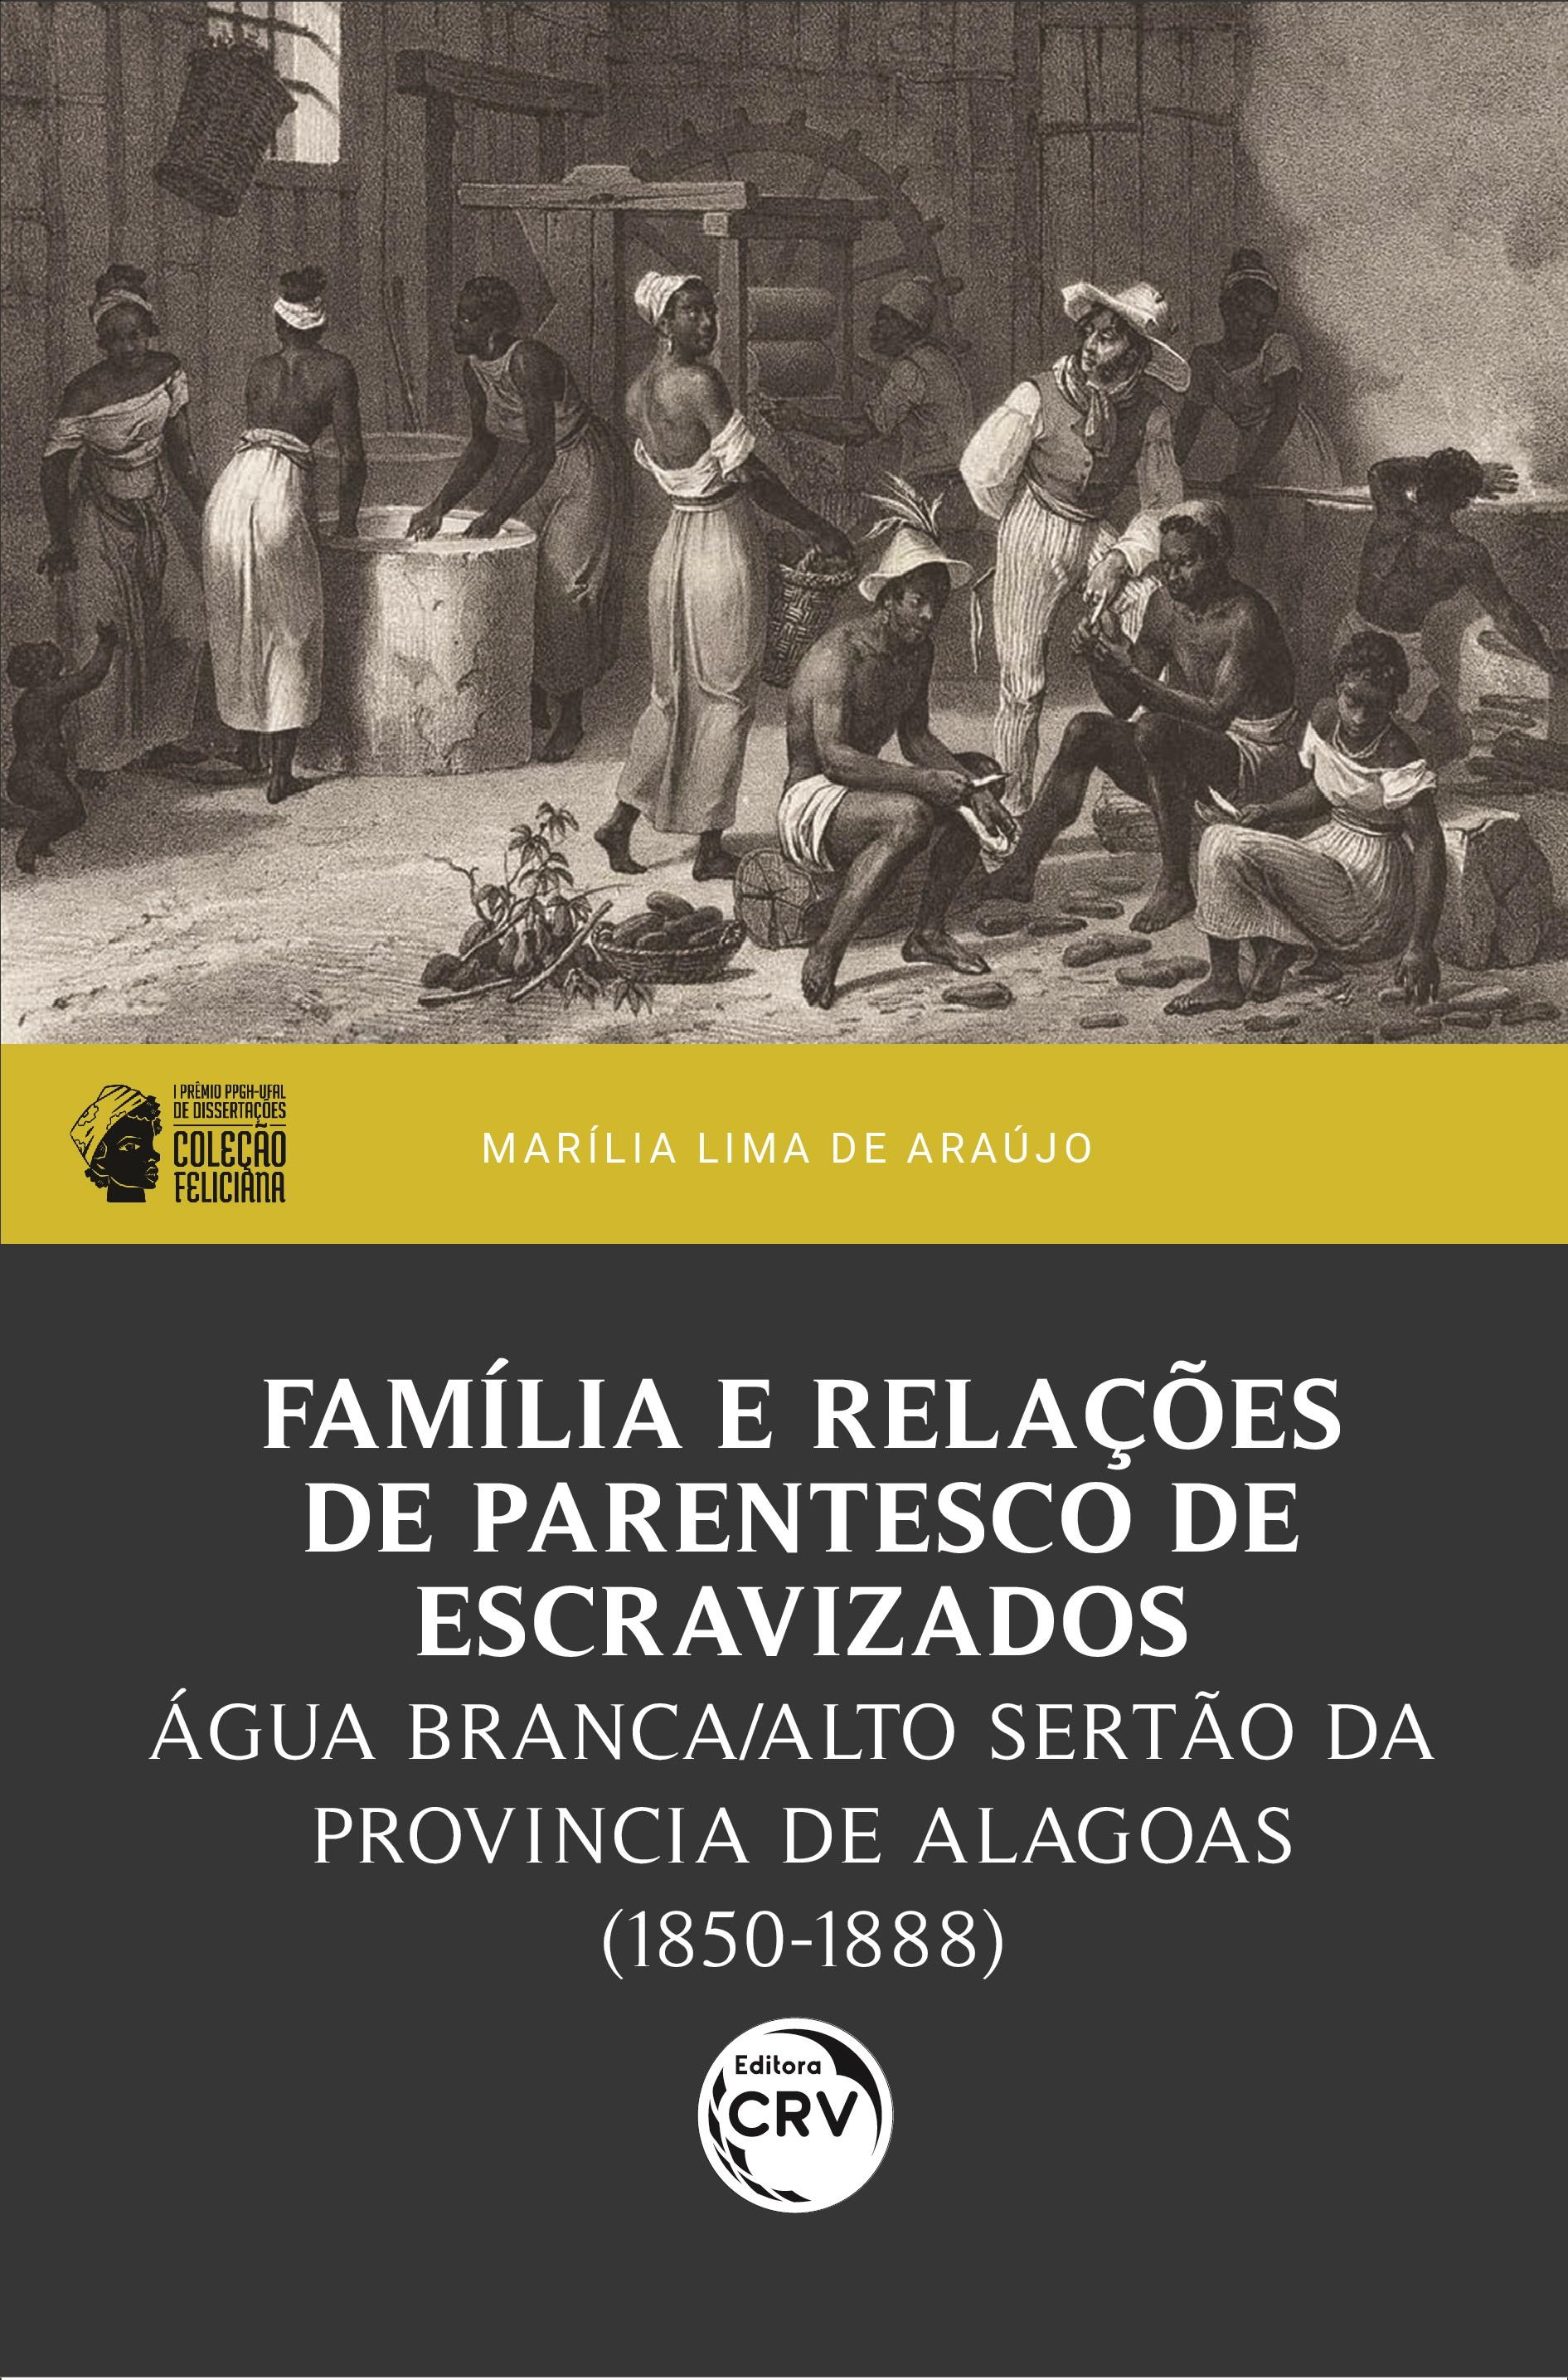 Capa do livro: FAMÍLIA E RELAÇÕES DE PARENTESCO DE ESCRAVIZADOS:<br> Água Branca/Alto Sertão da província de Alagoas (1850-1888)<br> I prêmio PPGH-UFAL de dissertações – Coleção Feliciana